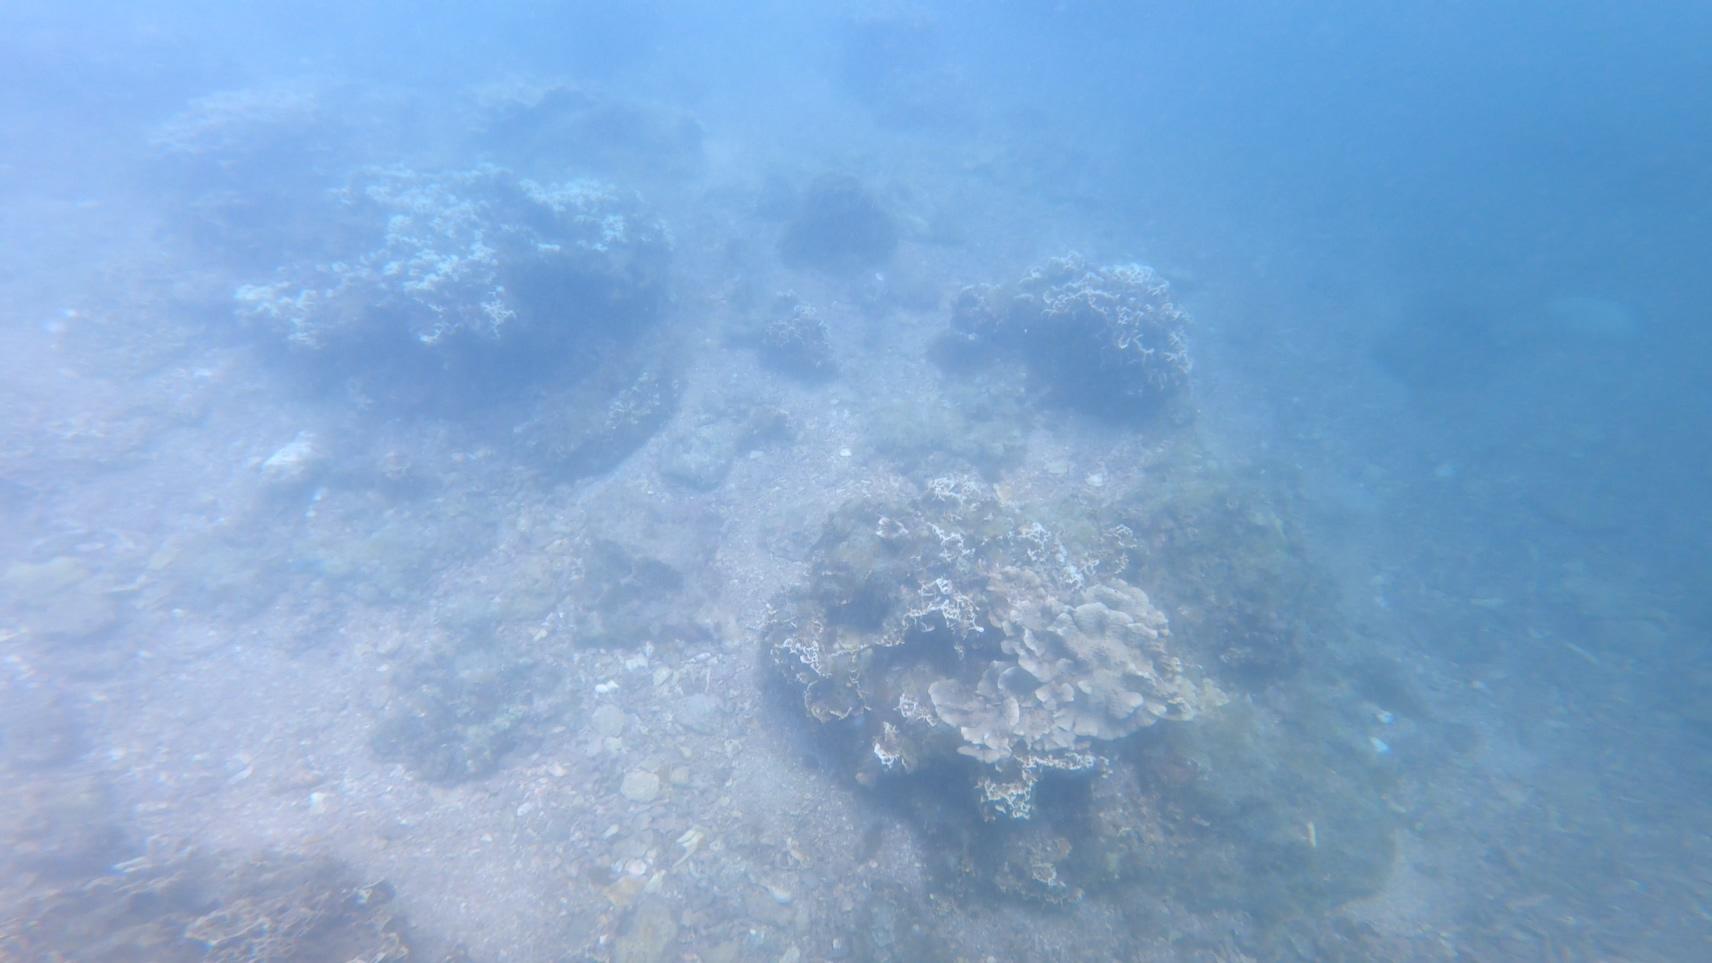 【认真摸鱼系列】在涠洲岛学习专业摸鱼技能-潜水